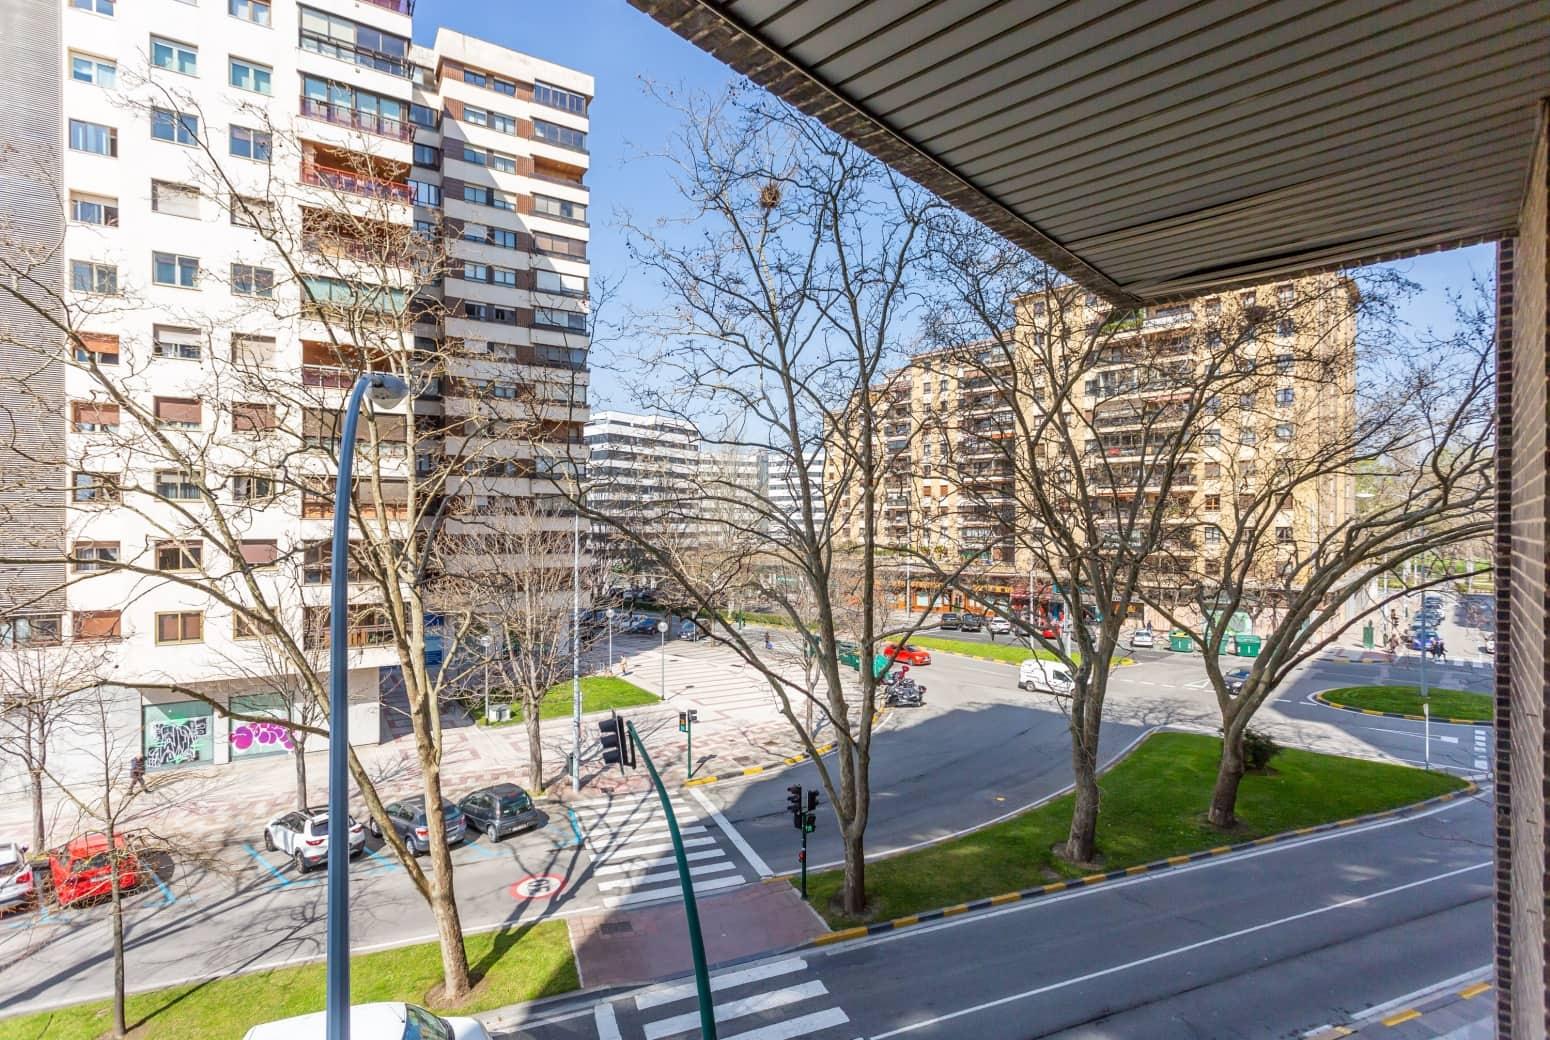 Bureau à vendre à Pampelune - 35 500 € (Ref: 5967878)